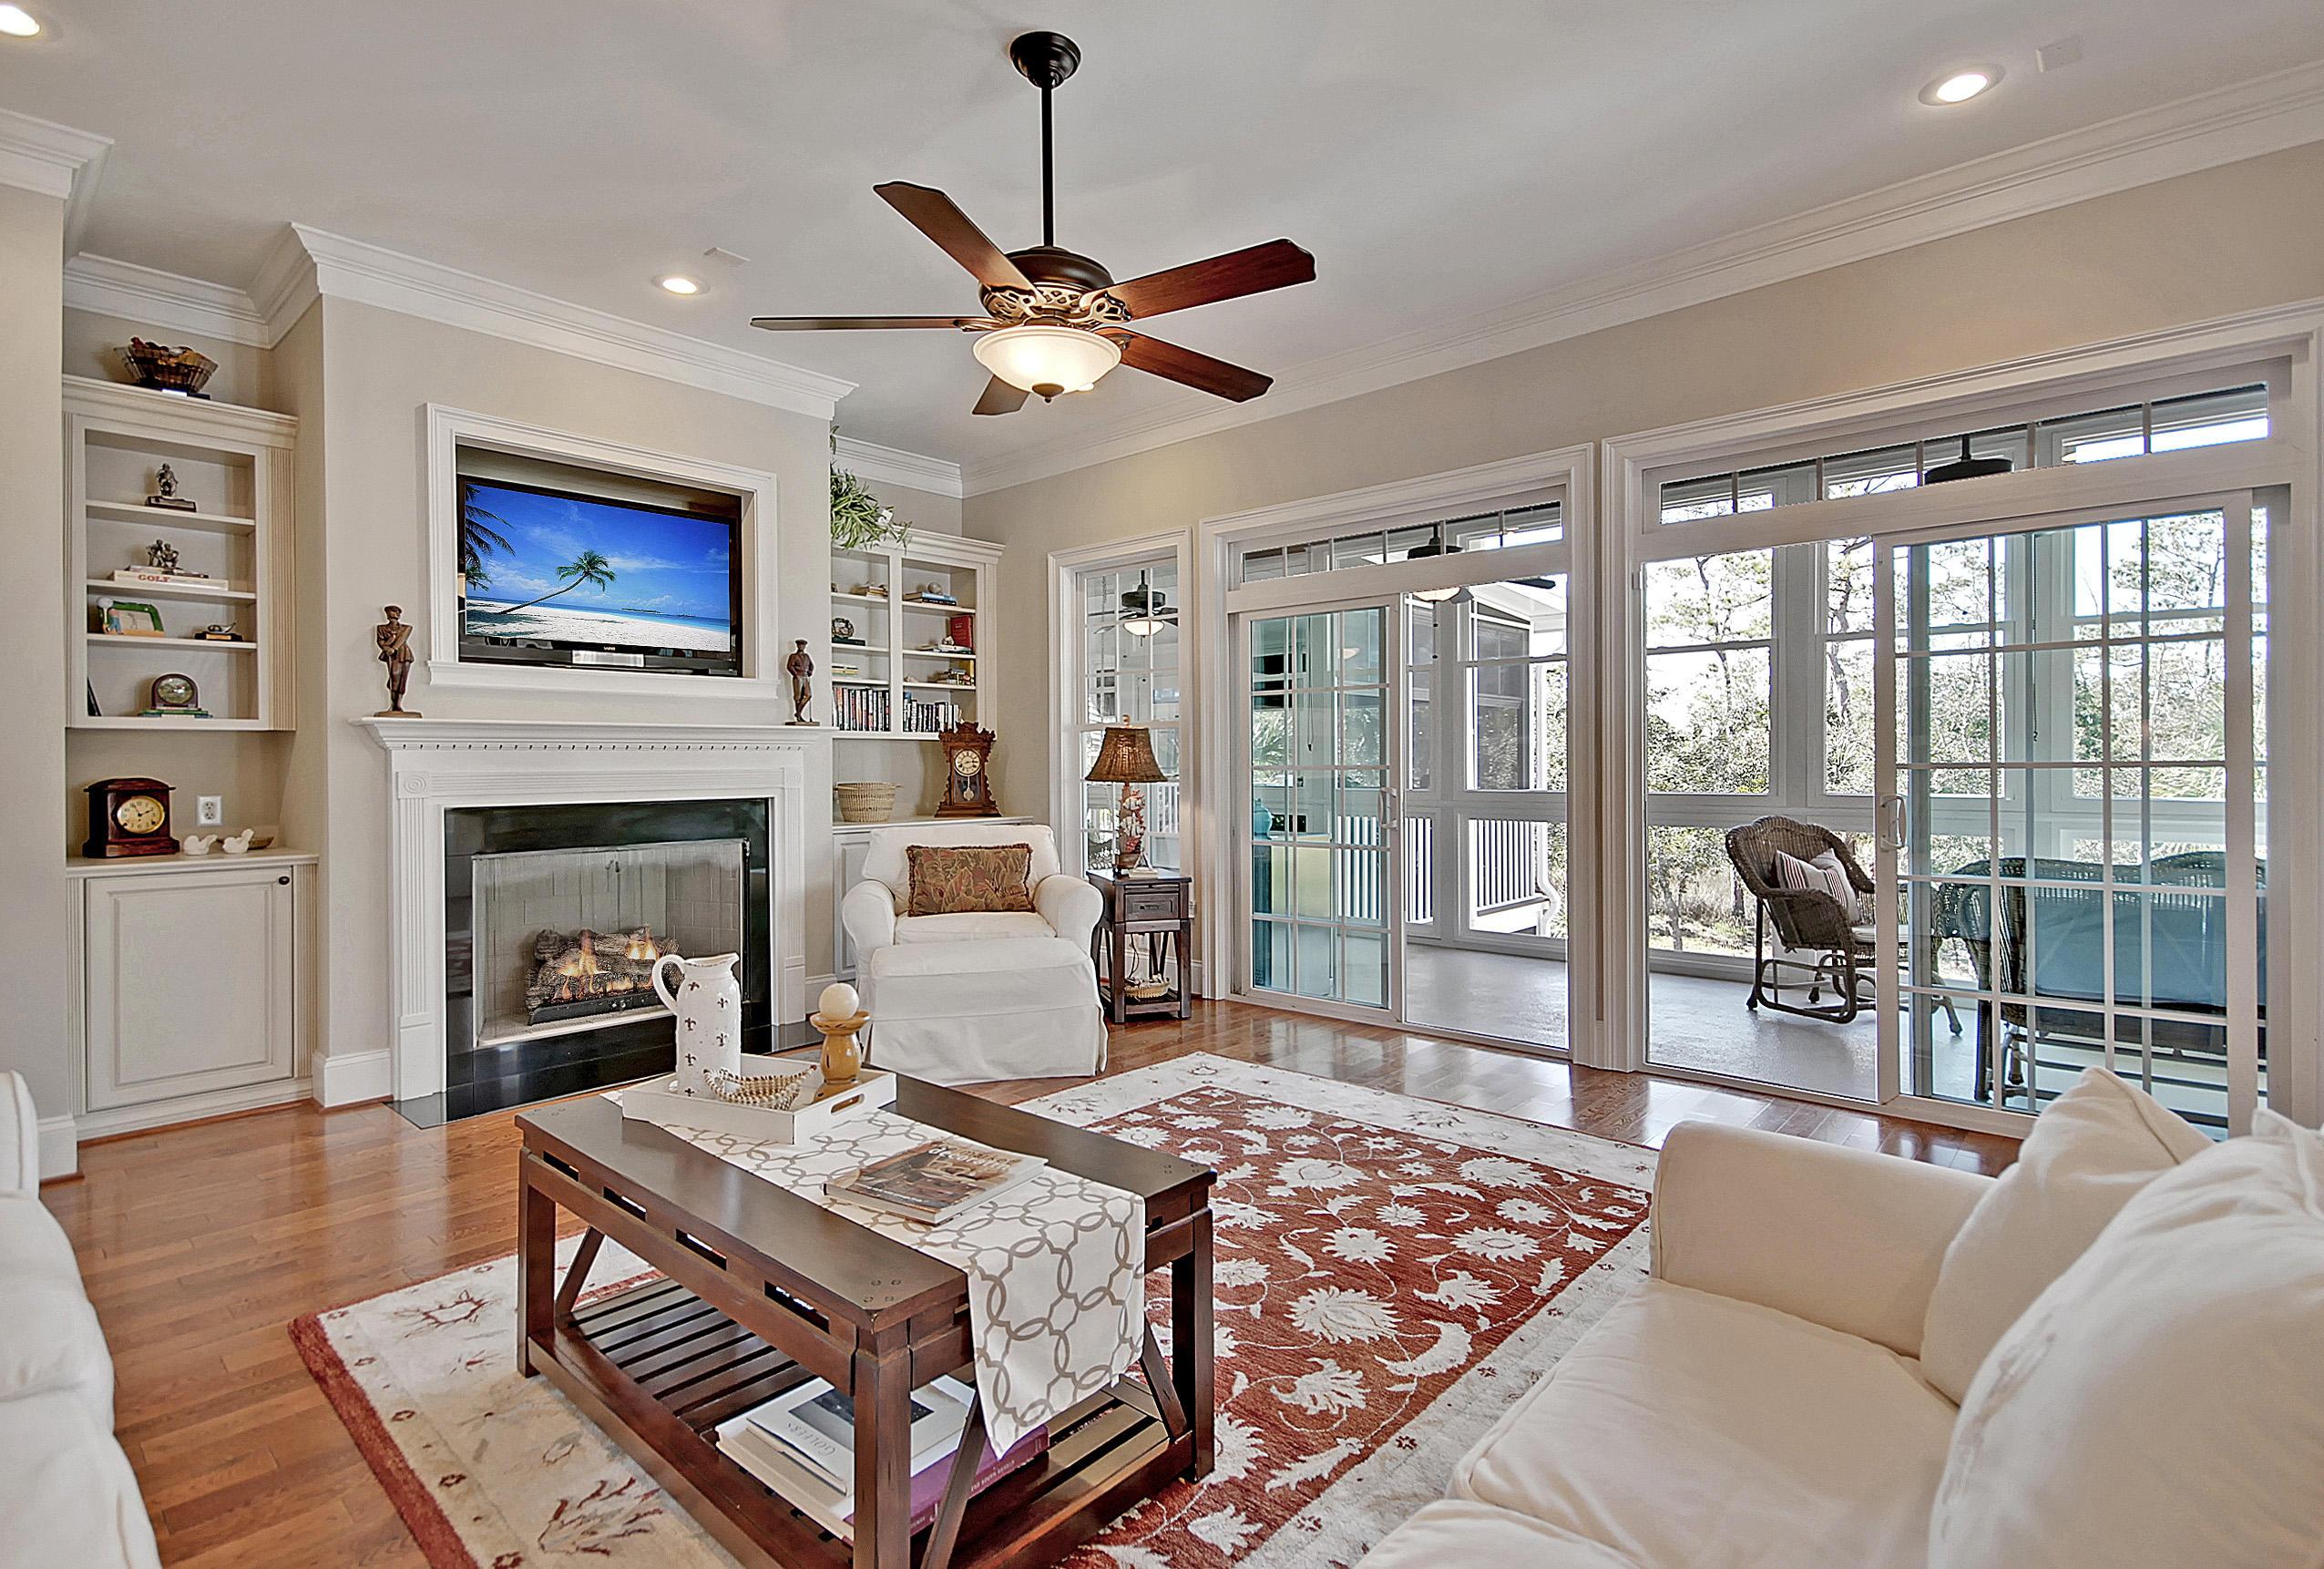 Dunes West Homes For Sale - 2721 Fountainhead, Mount Pleasant, SC - 17